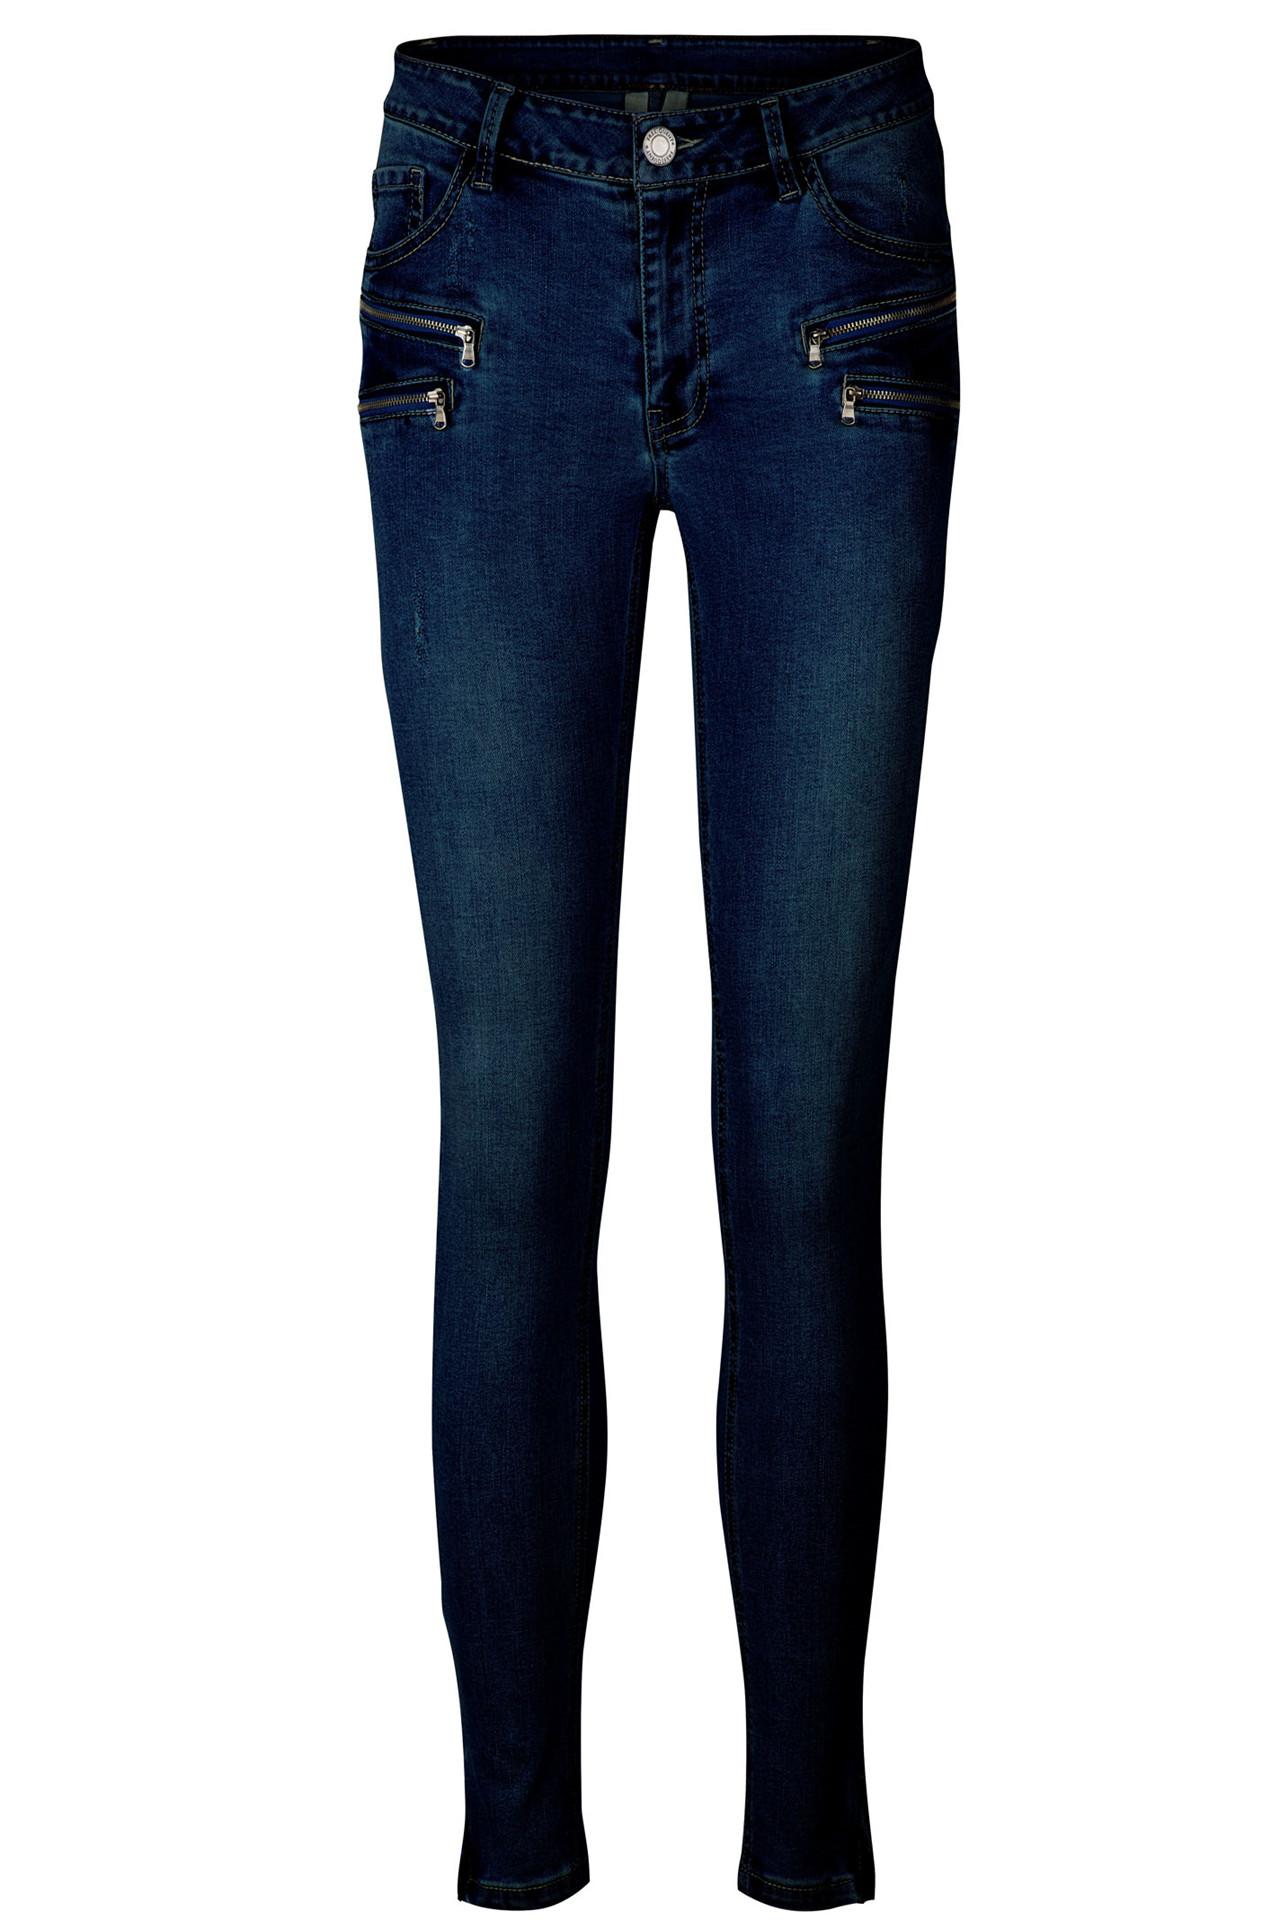 388e6692 AIDA-JE-DENIM MØRK BLÅ DENIM bukser fra Freequent - køb bukser online her